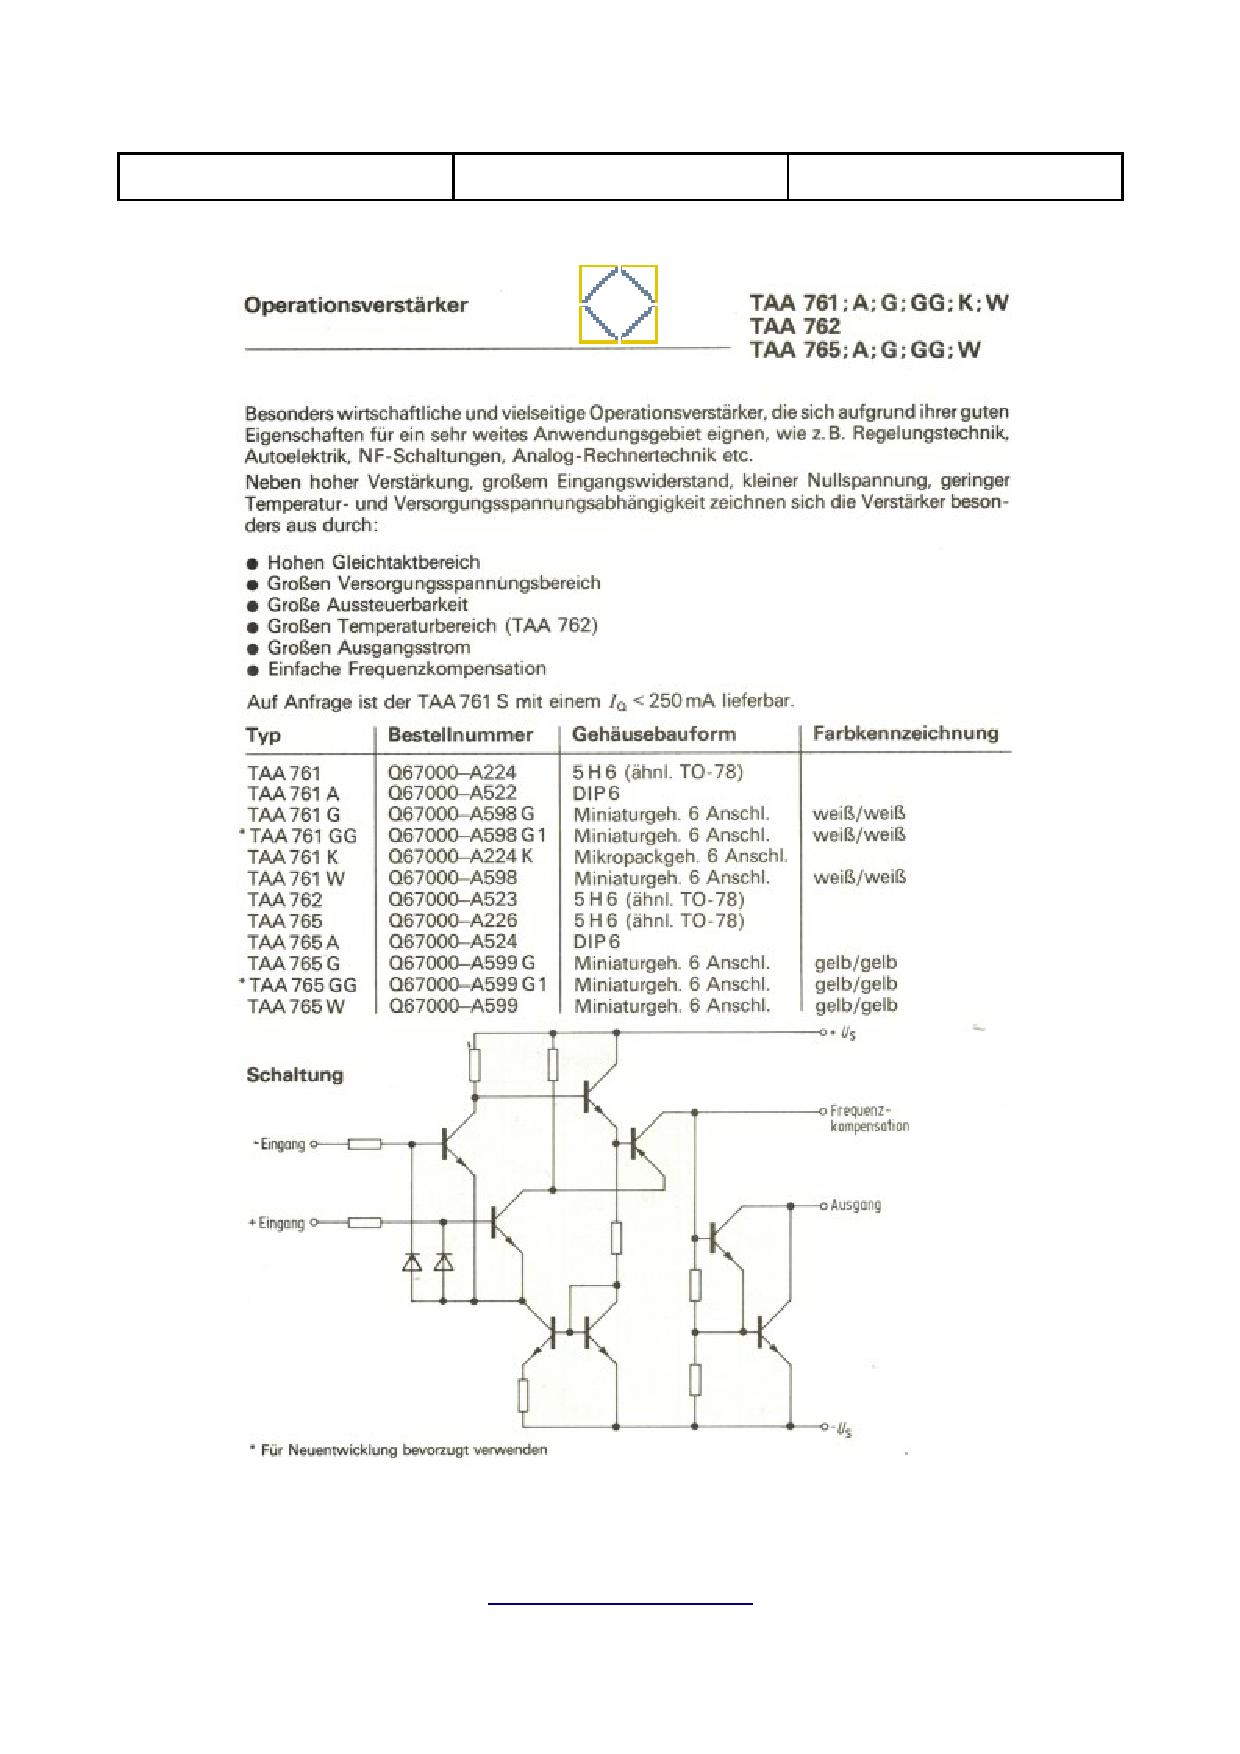 TAA761W Datenblatt PDF